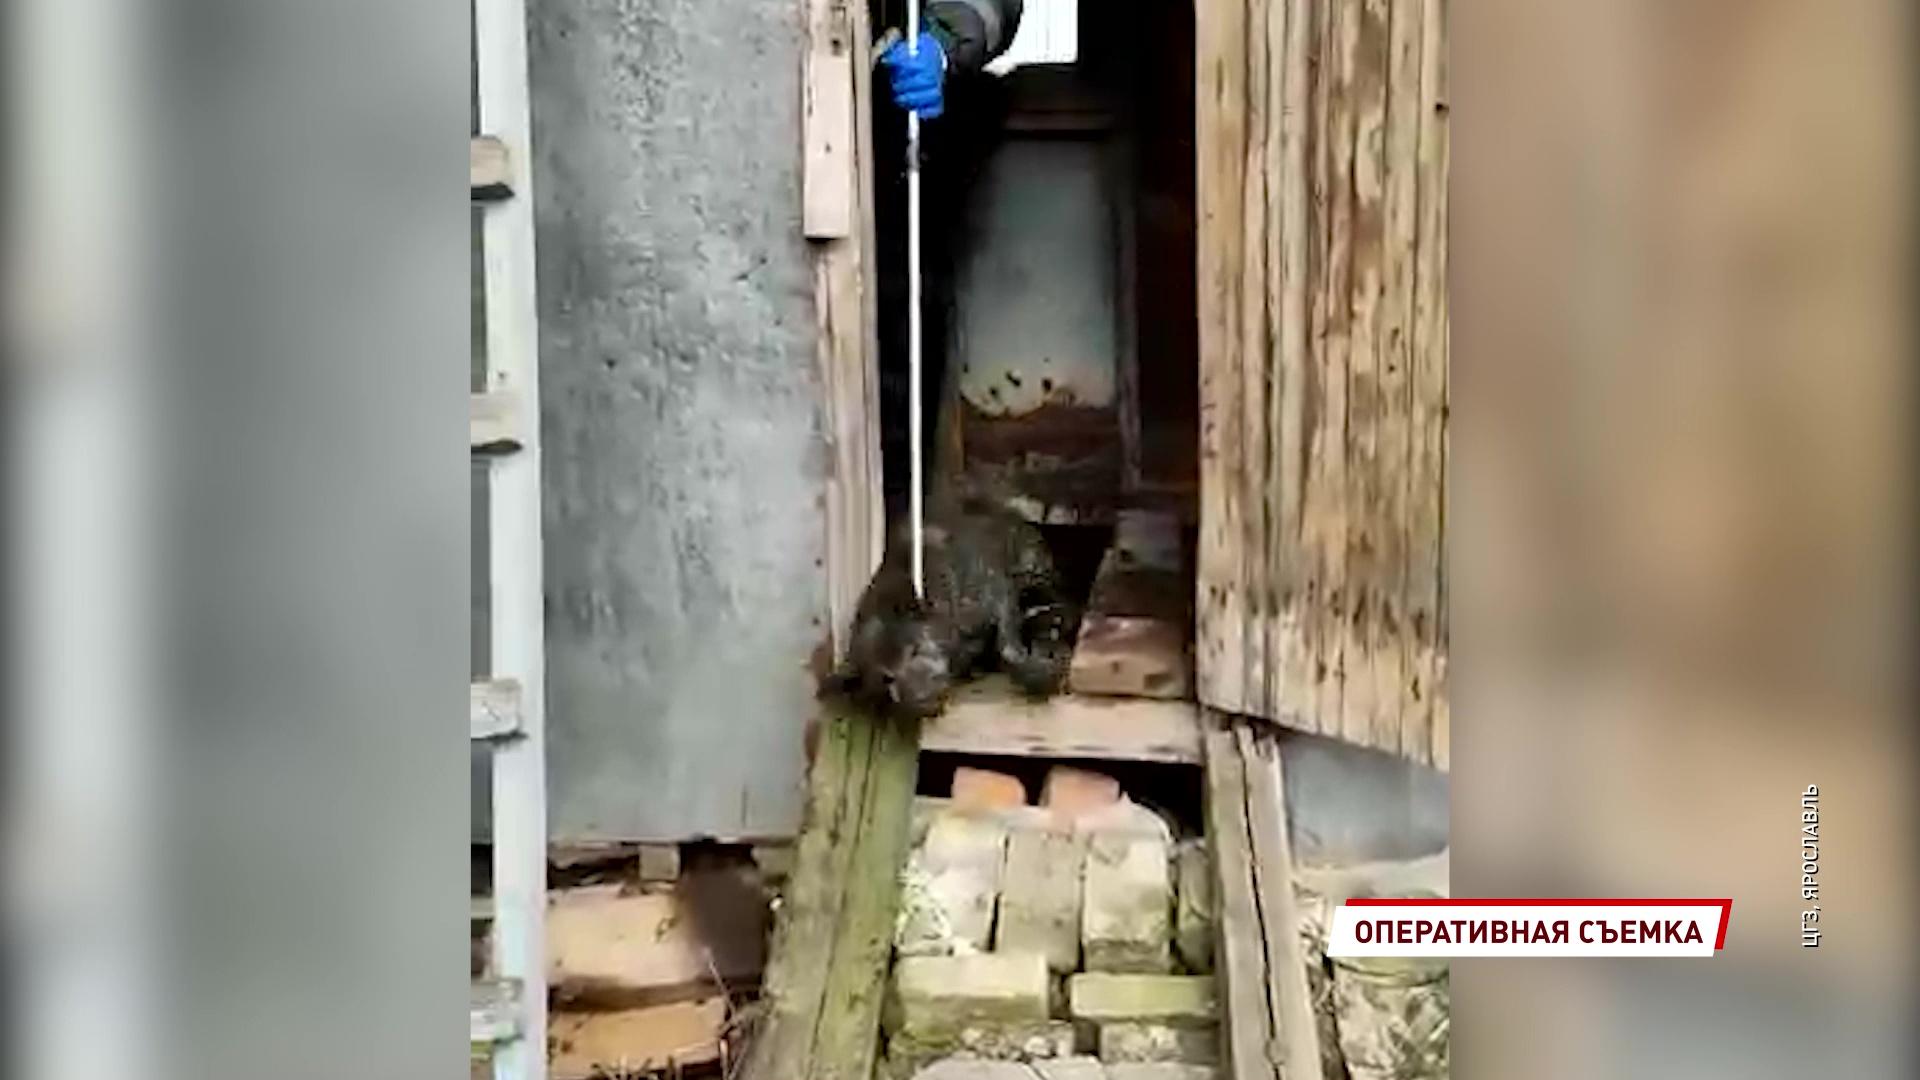 Сотрудники ЦГЗ спасли застрявшую в заброшенном доме собаку